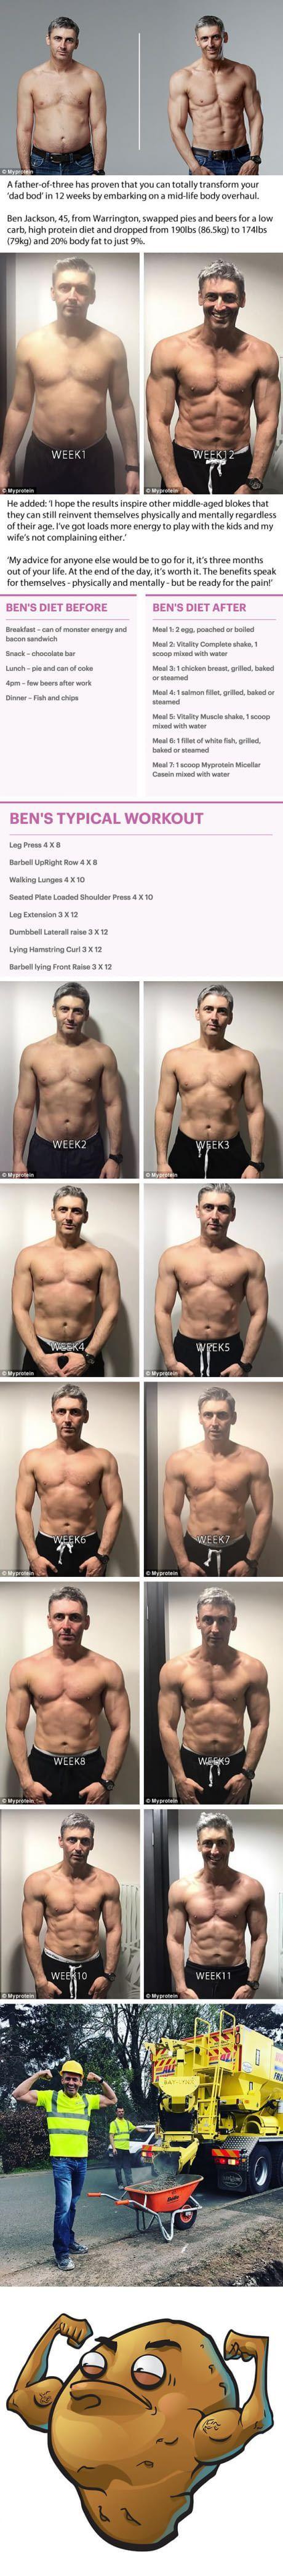 Der dreifache Vater, 45, enthüllt die Ergebnisse seiner unglaublichen 12-wöchigen Transformation